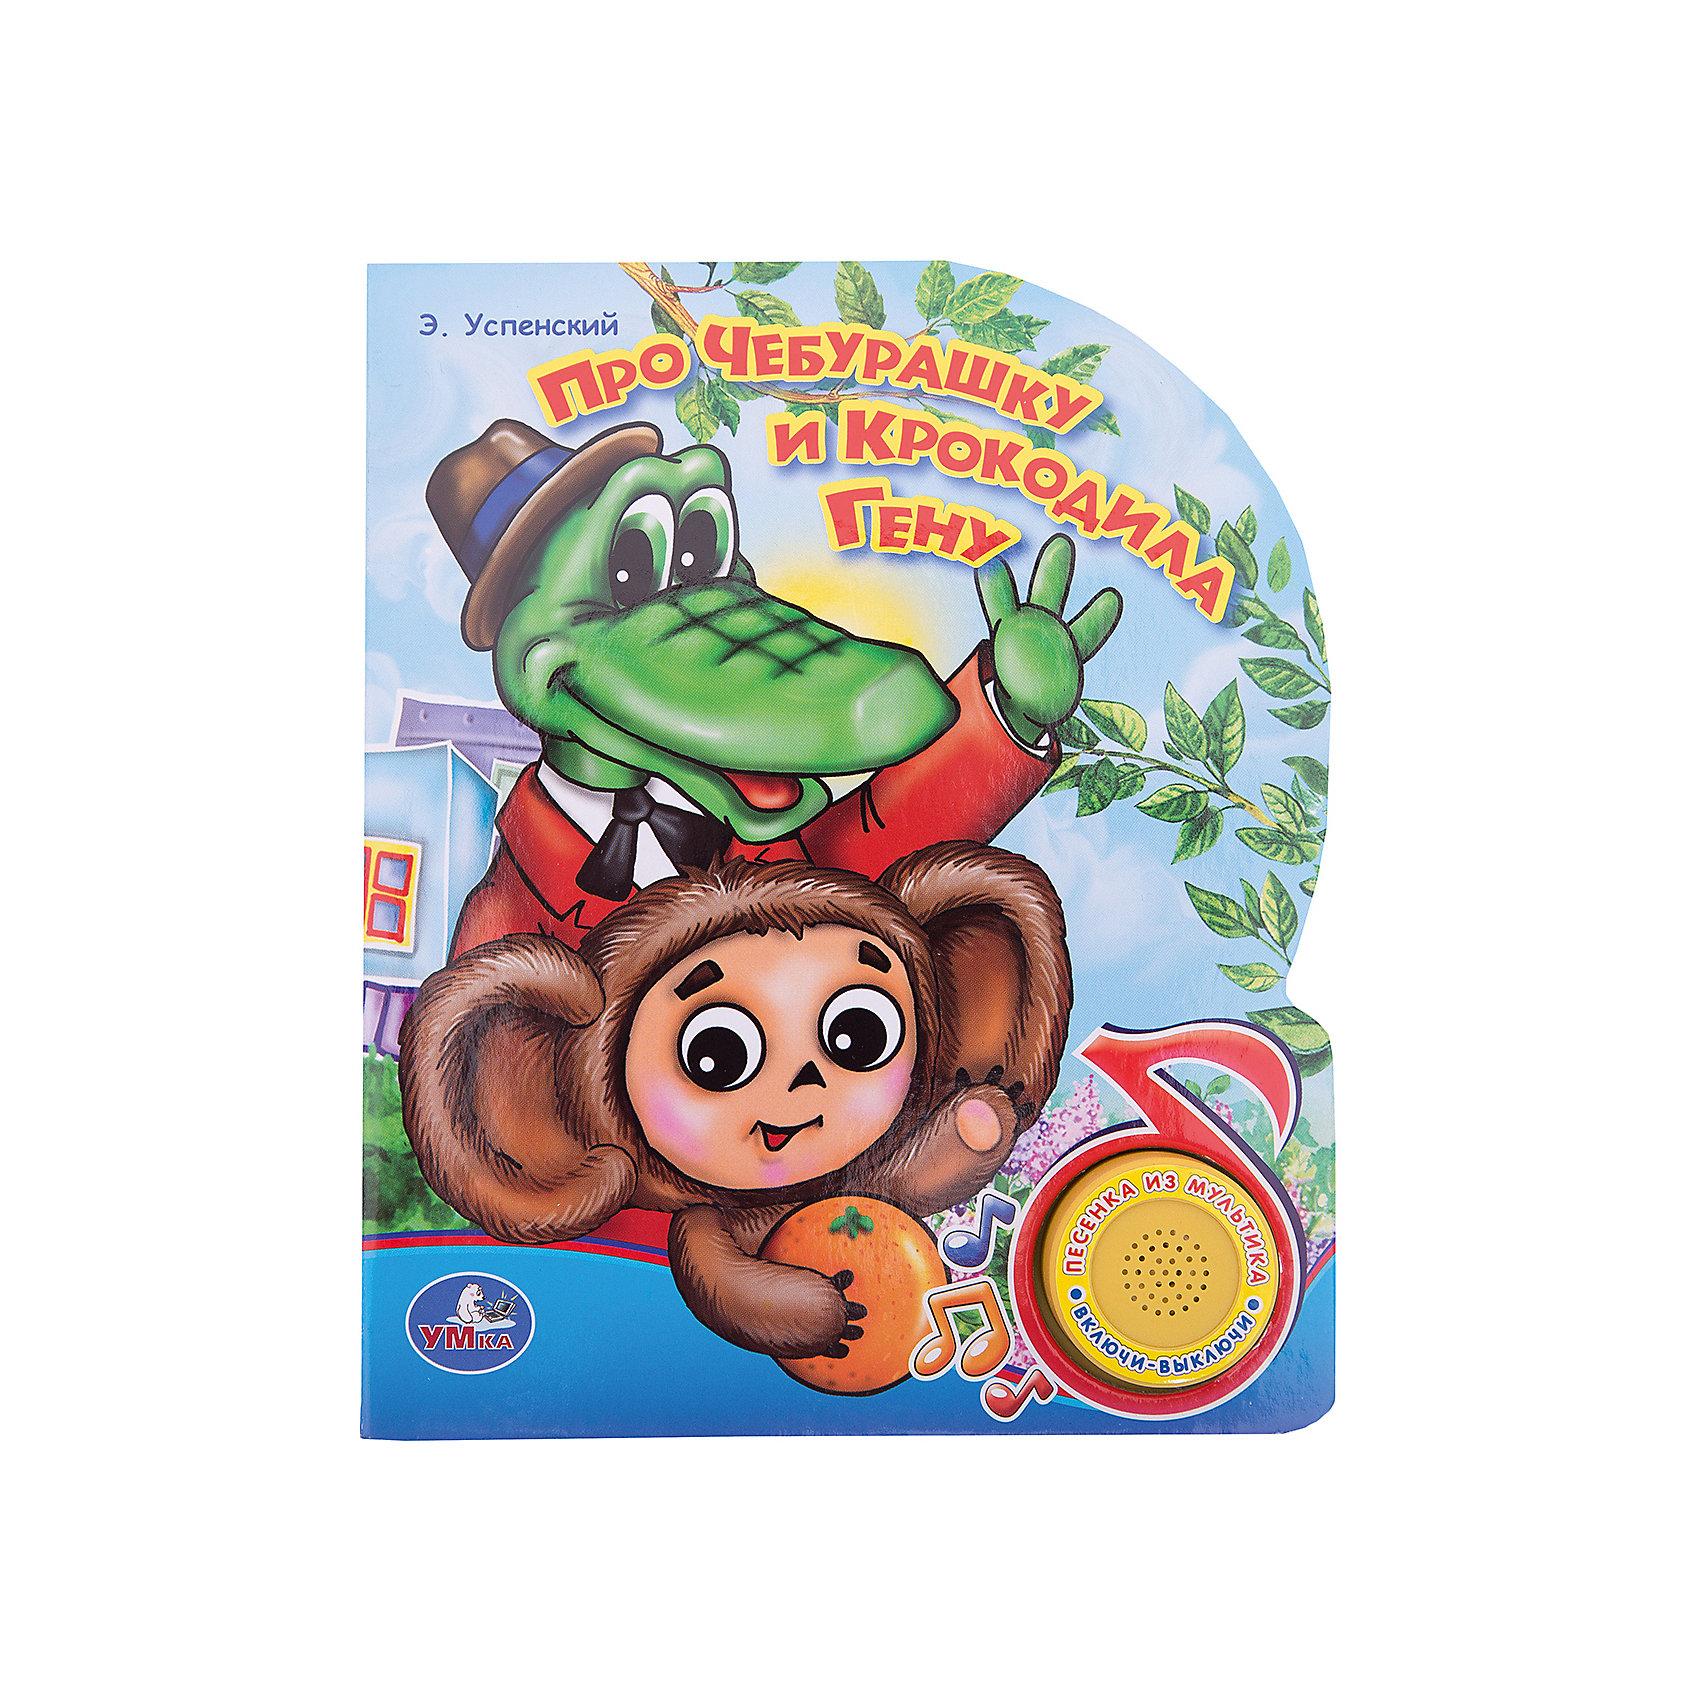 Книга с 1 кнопкой Про Чебурашку и Крокодила ГенуКнига с песенкой Про Чебурашку и крокодила Гену компактная книга из прочного безопасного картона с тремя кнопками для прослушивания песенок из мультфильма - лучший выбор для чтения малышу. <br><br>Книга содержит красочные иллюстрации с любимыми персонажами — Чебурашкой и Крокодилом Геной, а текст соответствует оригинальному тексту мультика.<br>В книжке есть волшебная кнопка, при нажатии на которую, зазвучит знакомая песенка Чебурашки.<br>При повторном нажатии песенка прекращается.<br><br>Дополнительная информация:<br><br>Серия: Мультяшные мультяшки<br>Автор: Успенский Э.<br>Вес:180 гр.<br>Размеры: 160 (Д)х 190(Ш)х 10(В) мм<br>Количество страниц: 10<br>Батарейки: 3 х LR41, демонстрационные батарейки входят в комплект. <br><br>Книгу с песенкой Про Чебурашку и крокодила Гену можно купить в нашем магазине.<br><br>Ширина мм: 160<br>Глубина мм: 190<br>Высота мм: 10<br>Вес г: 180<br>Возраст от месяцев: 24<br>Возраст до месяцев: 60<br>Пол: Унисекс<br>Возраст: Детский<br>SKU: 2607982